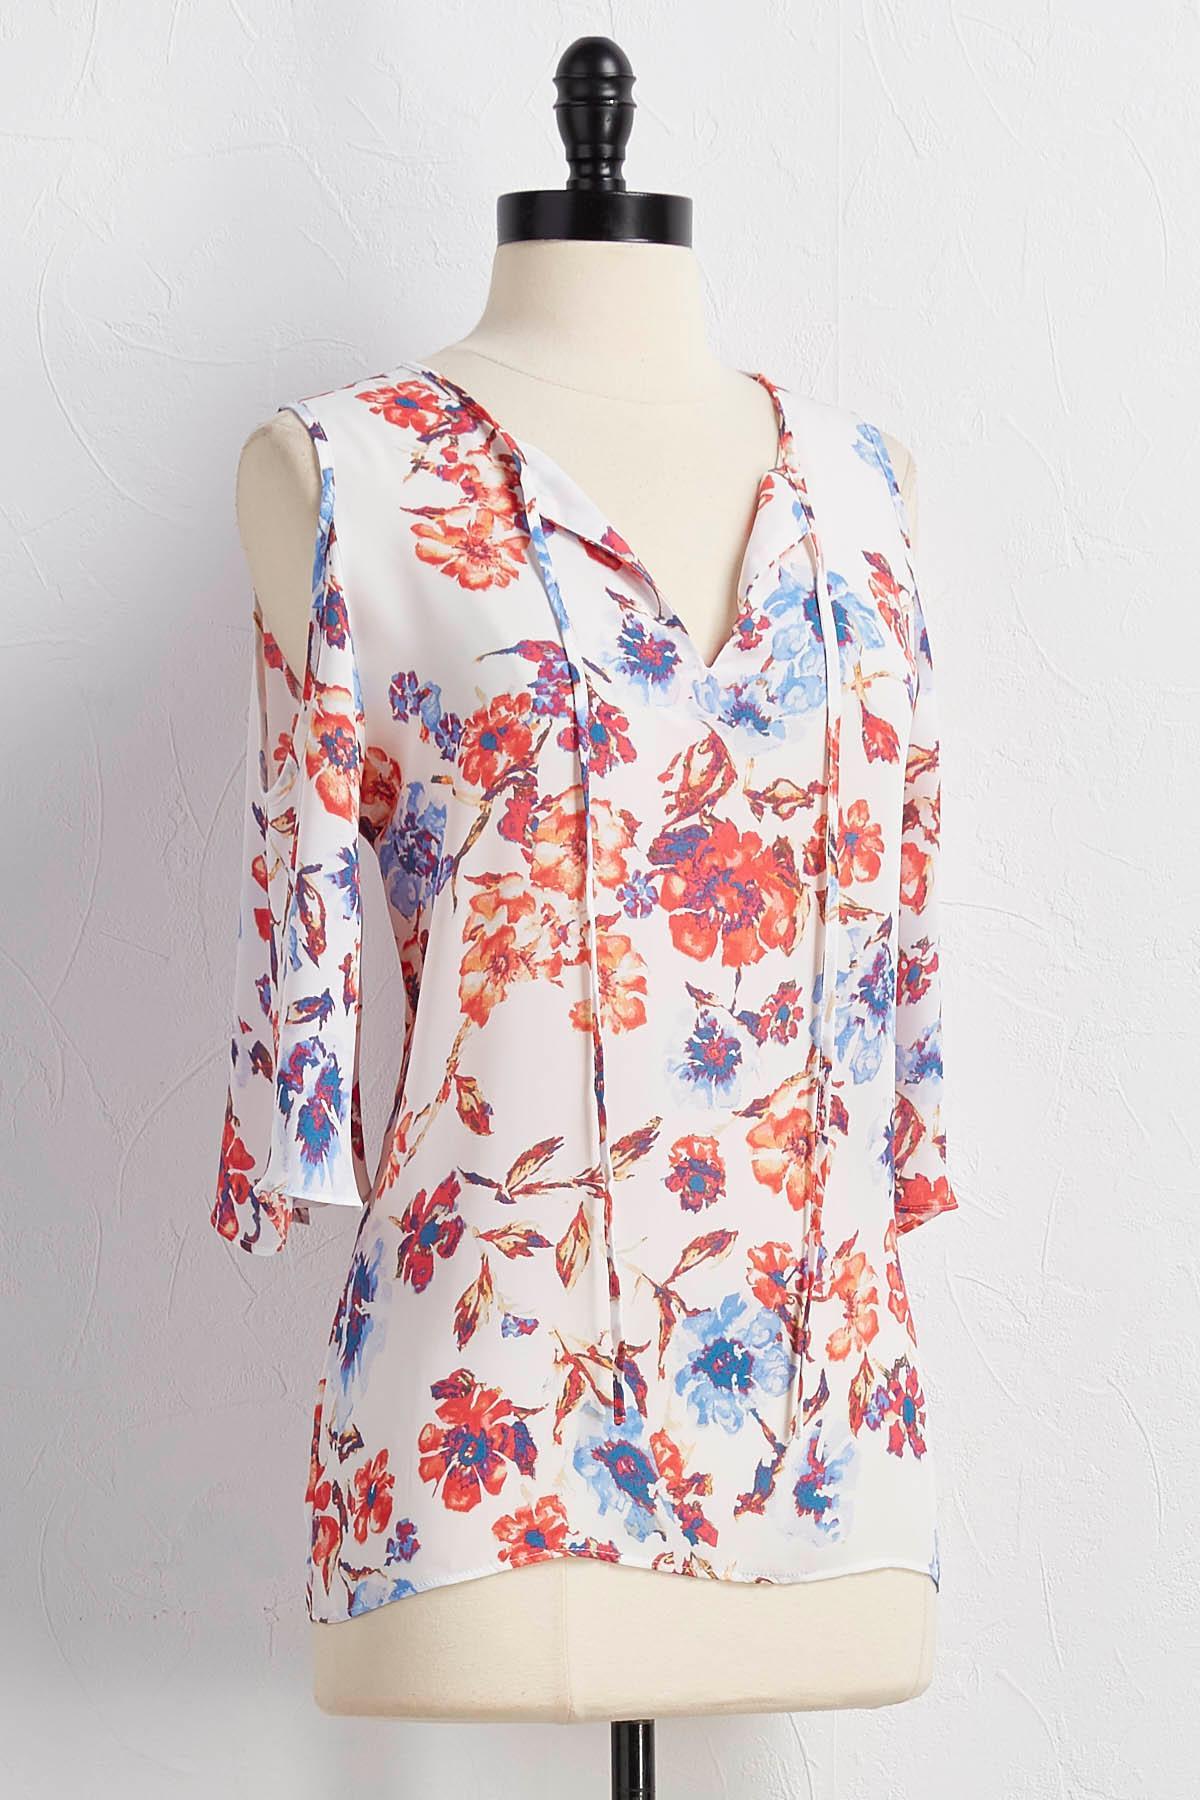 Floral Bare Shoulder Top